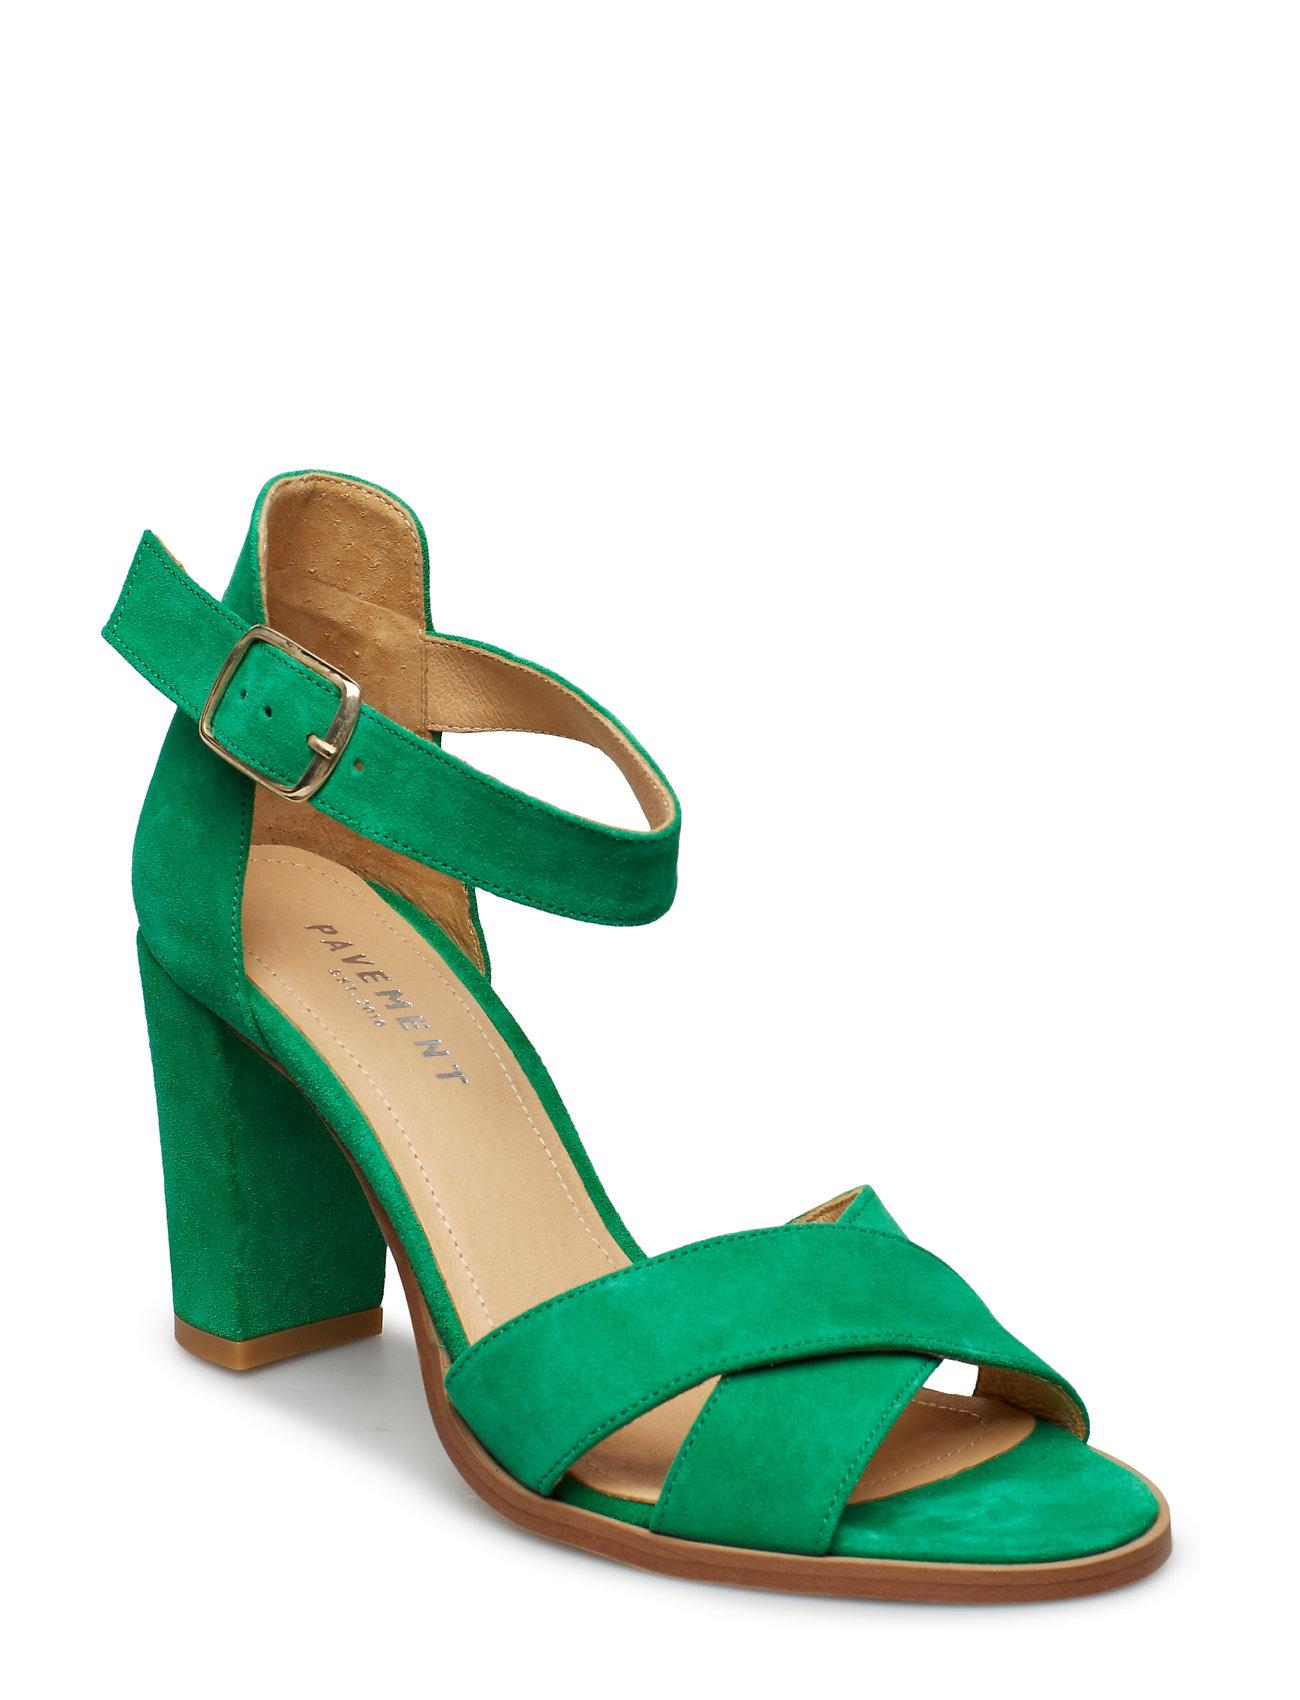 52c622695749 TAN SUEDE Pavement Silke Cross højhælede sandaler for dame - Pashion.dk